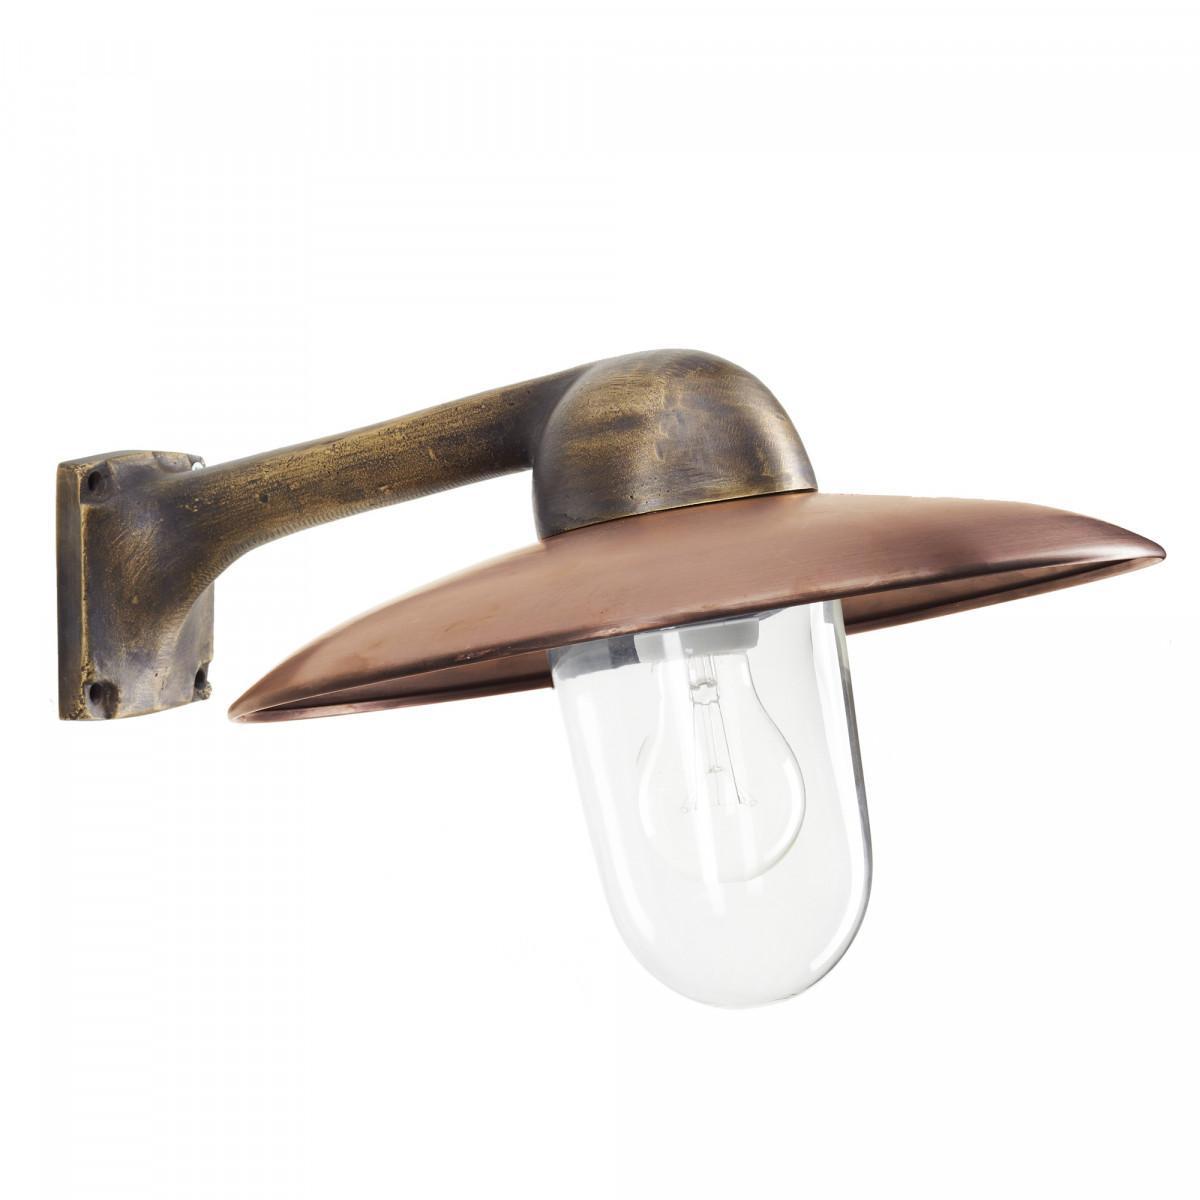 Wandlamp Fabrique Brons/Koper (1198) - KS Verlichting - Stoer & Industrieel